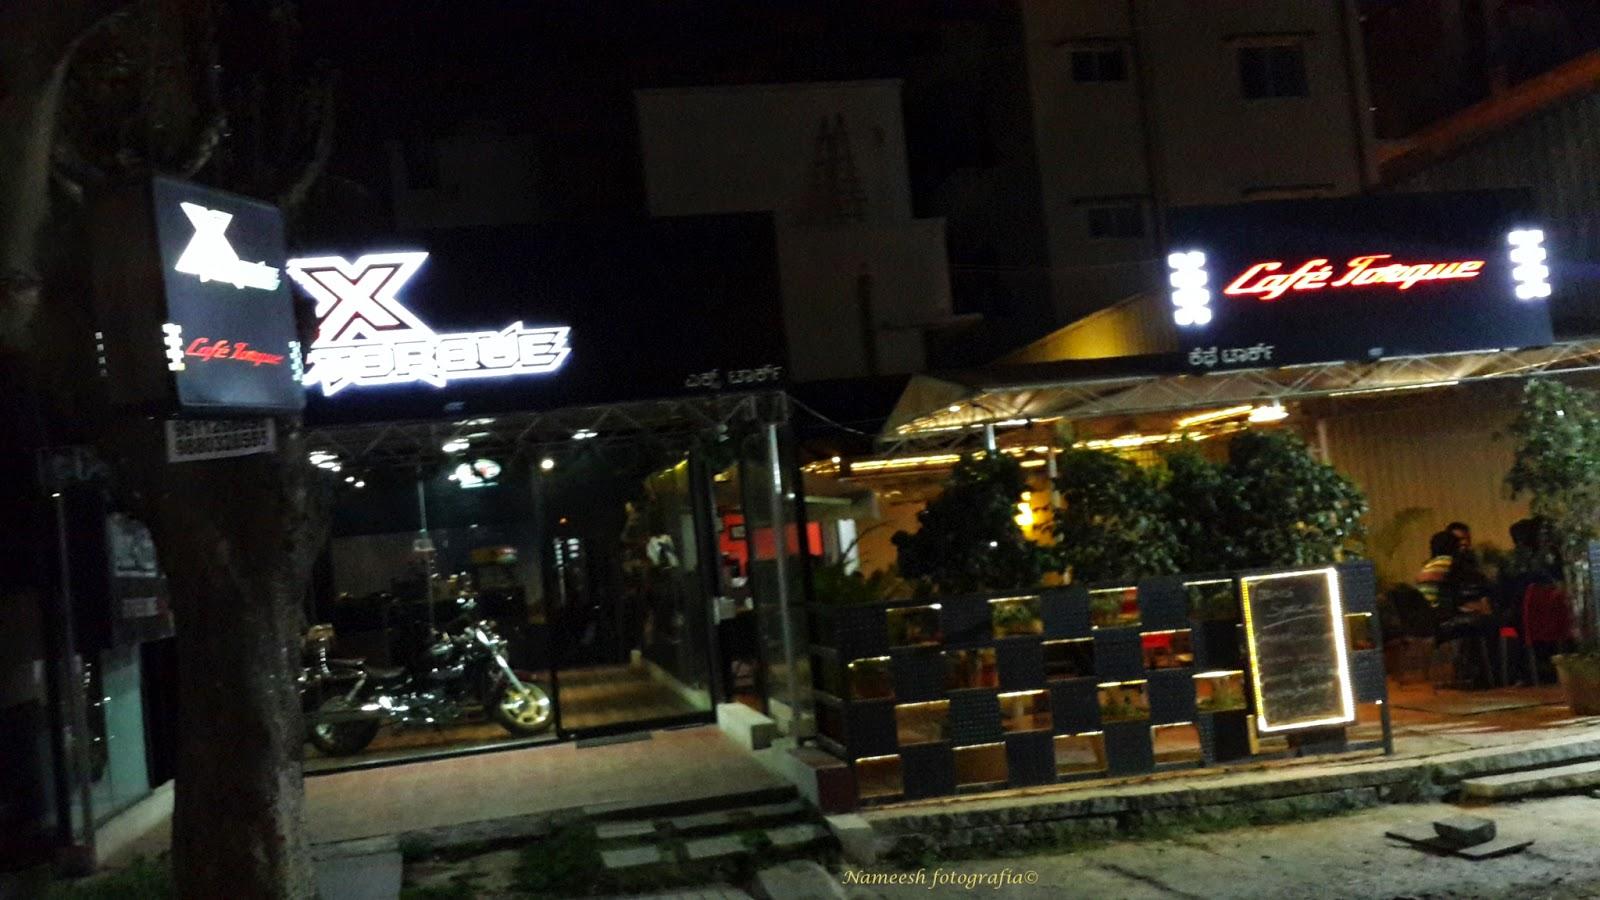 Cafe Torque Hsr Layout Bangalore Odyssey Of Food N Lifestyle Jazz1 Sachet